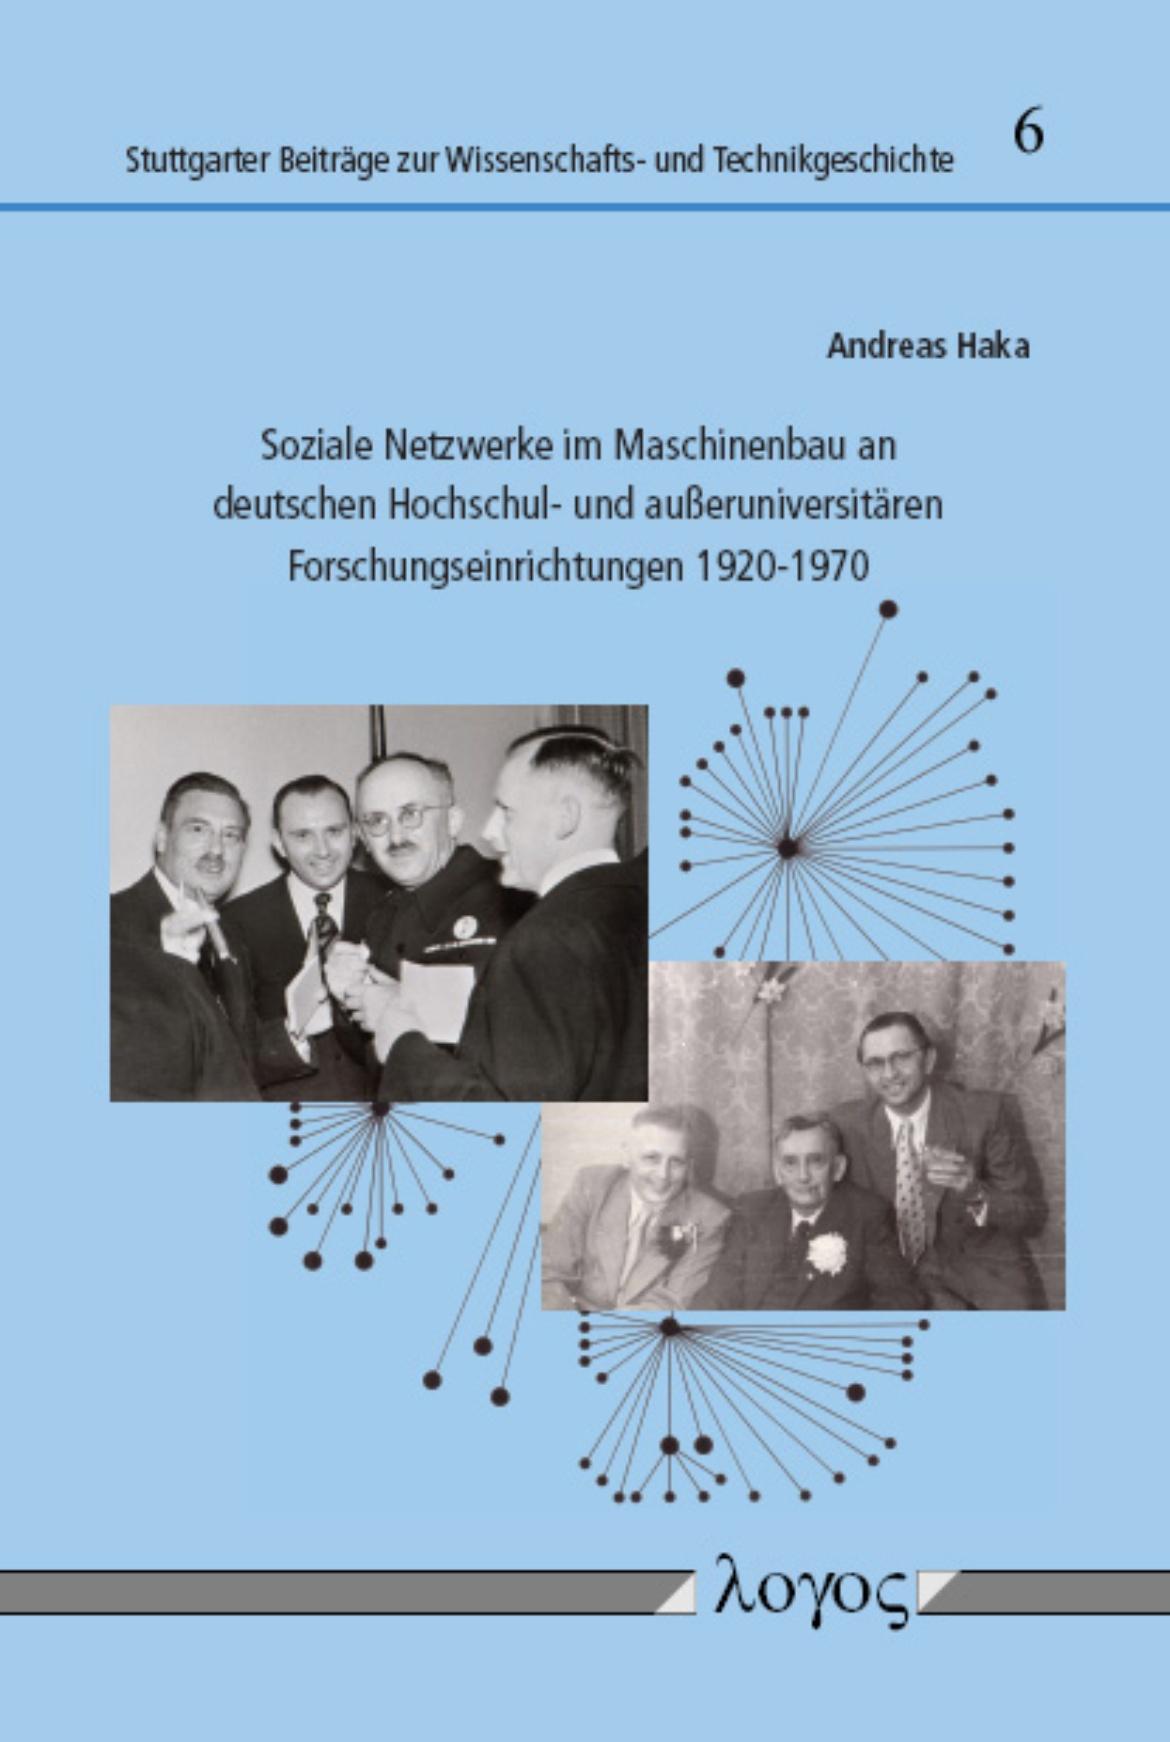 Soziale Netzwerke im Maschinenbau an deutschen Hochschul- und außeruniversitären Forschungseinrichtungen 1920-1970.